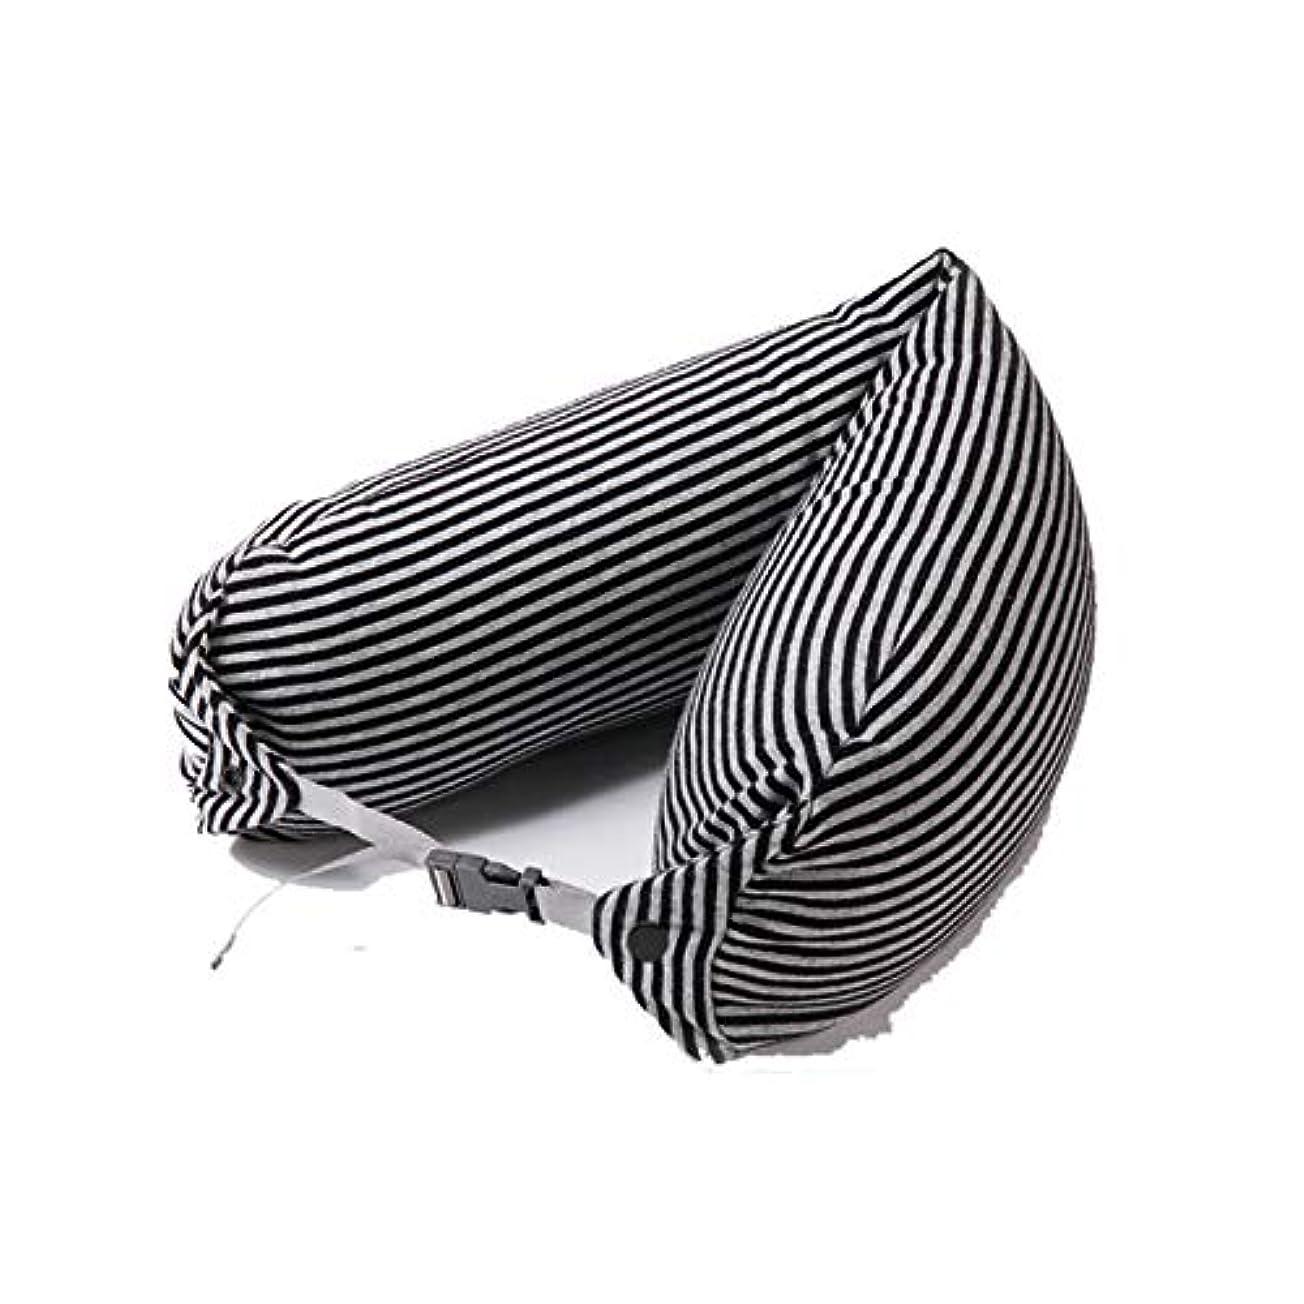 抽出今晩フリースSMART ホームオフィス背もたれ椅子腰椎クッションカーシートネック枕 3D 低反発サポートバックマッサージウエストレスリビング枕 クッション 椅子